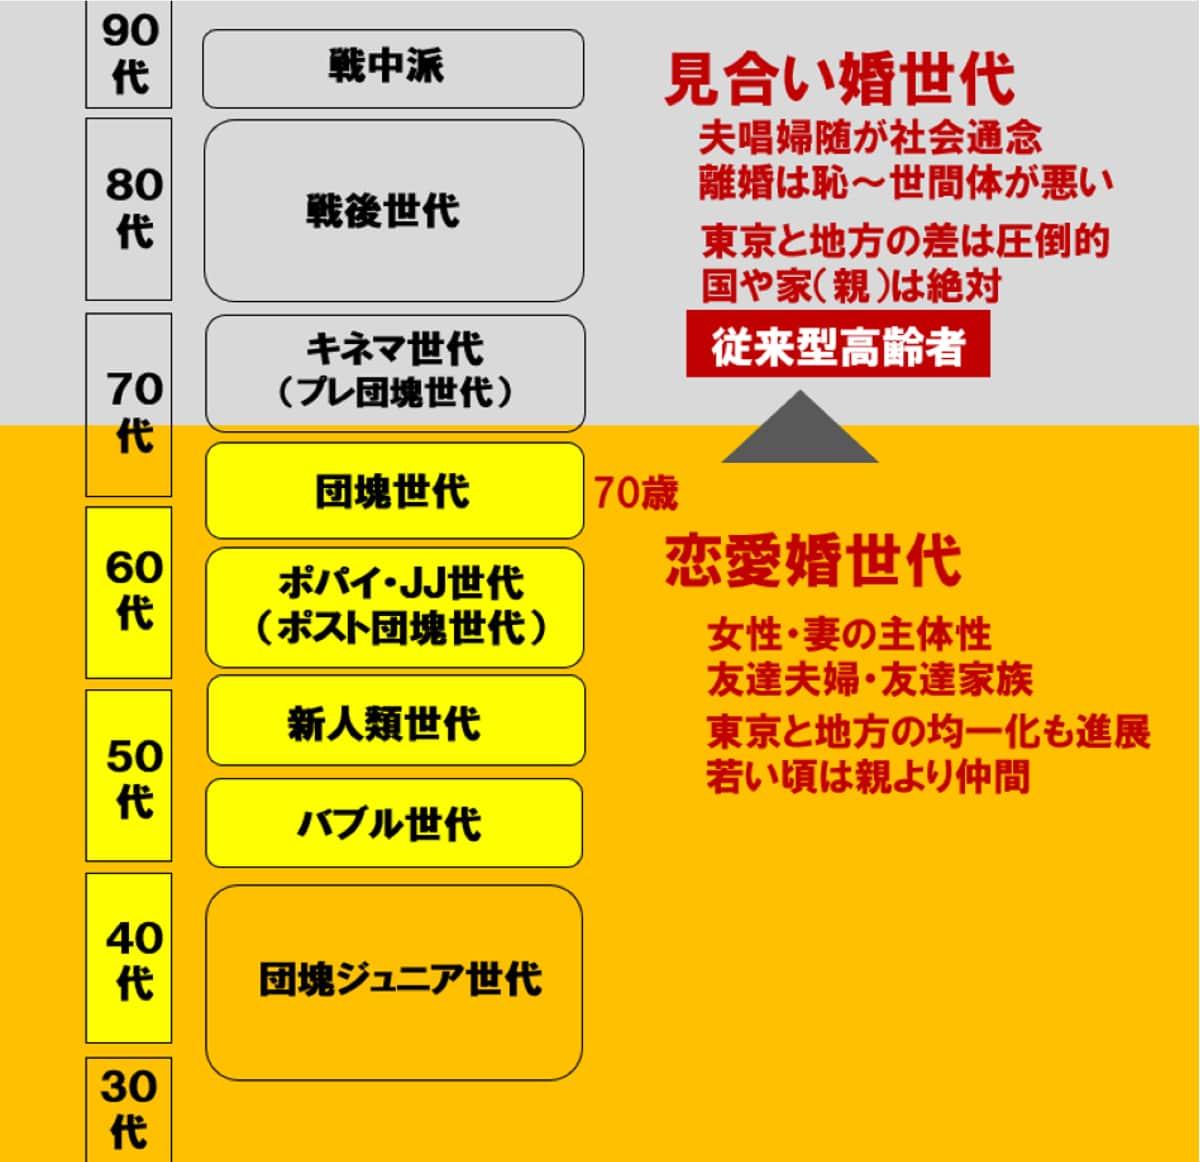 (人生100年時代 未来ビジョン研究所資料)